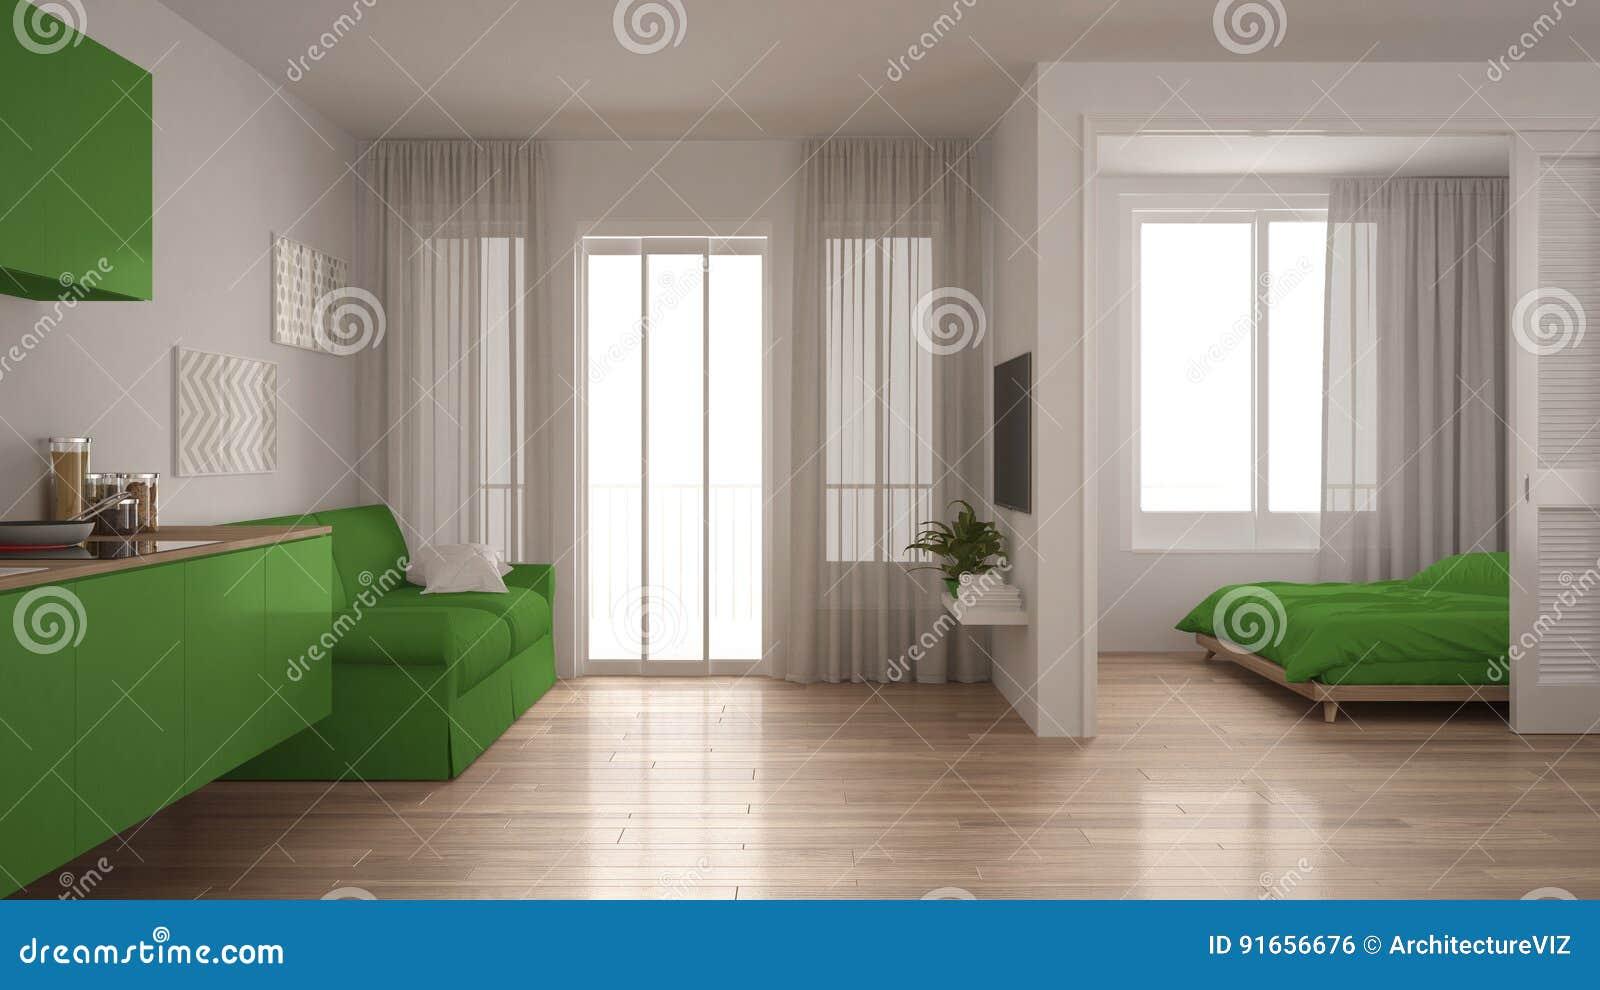 Cucina Soggiorno Camera Da Letto.Piccolo Appartamento Con La Cucina Il Salone E La Camera Da